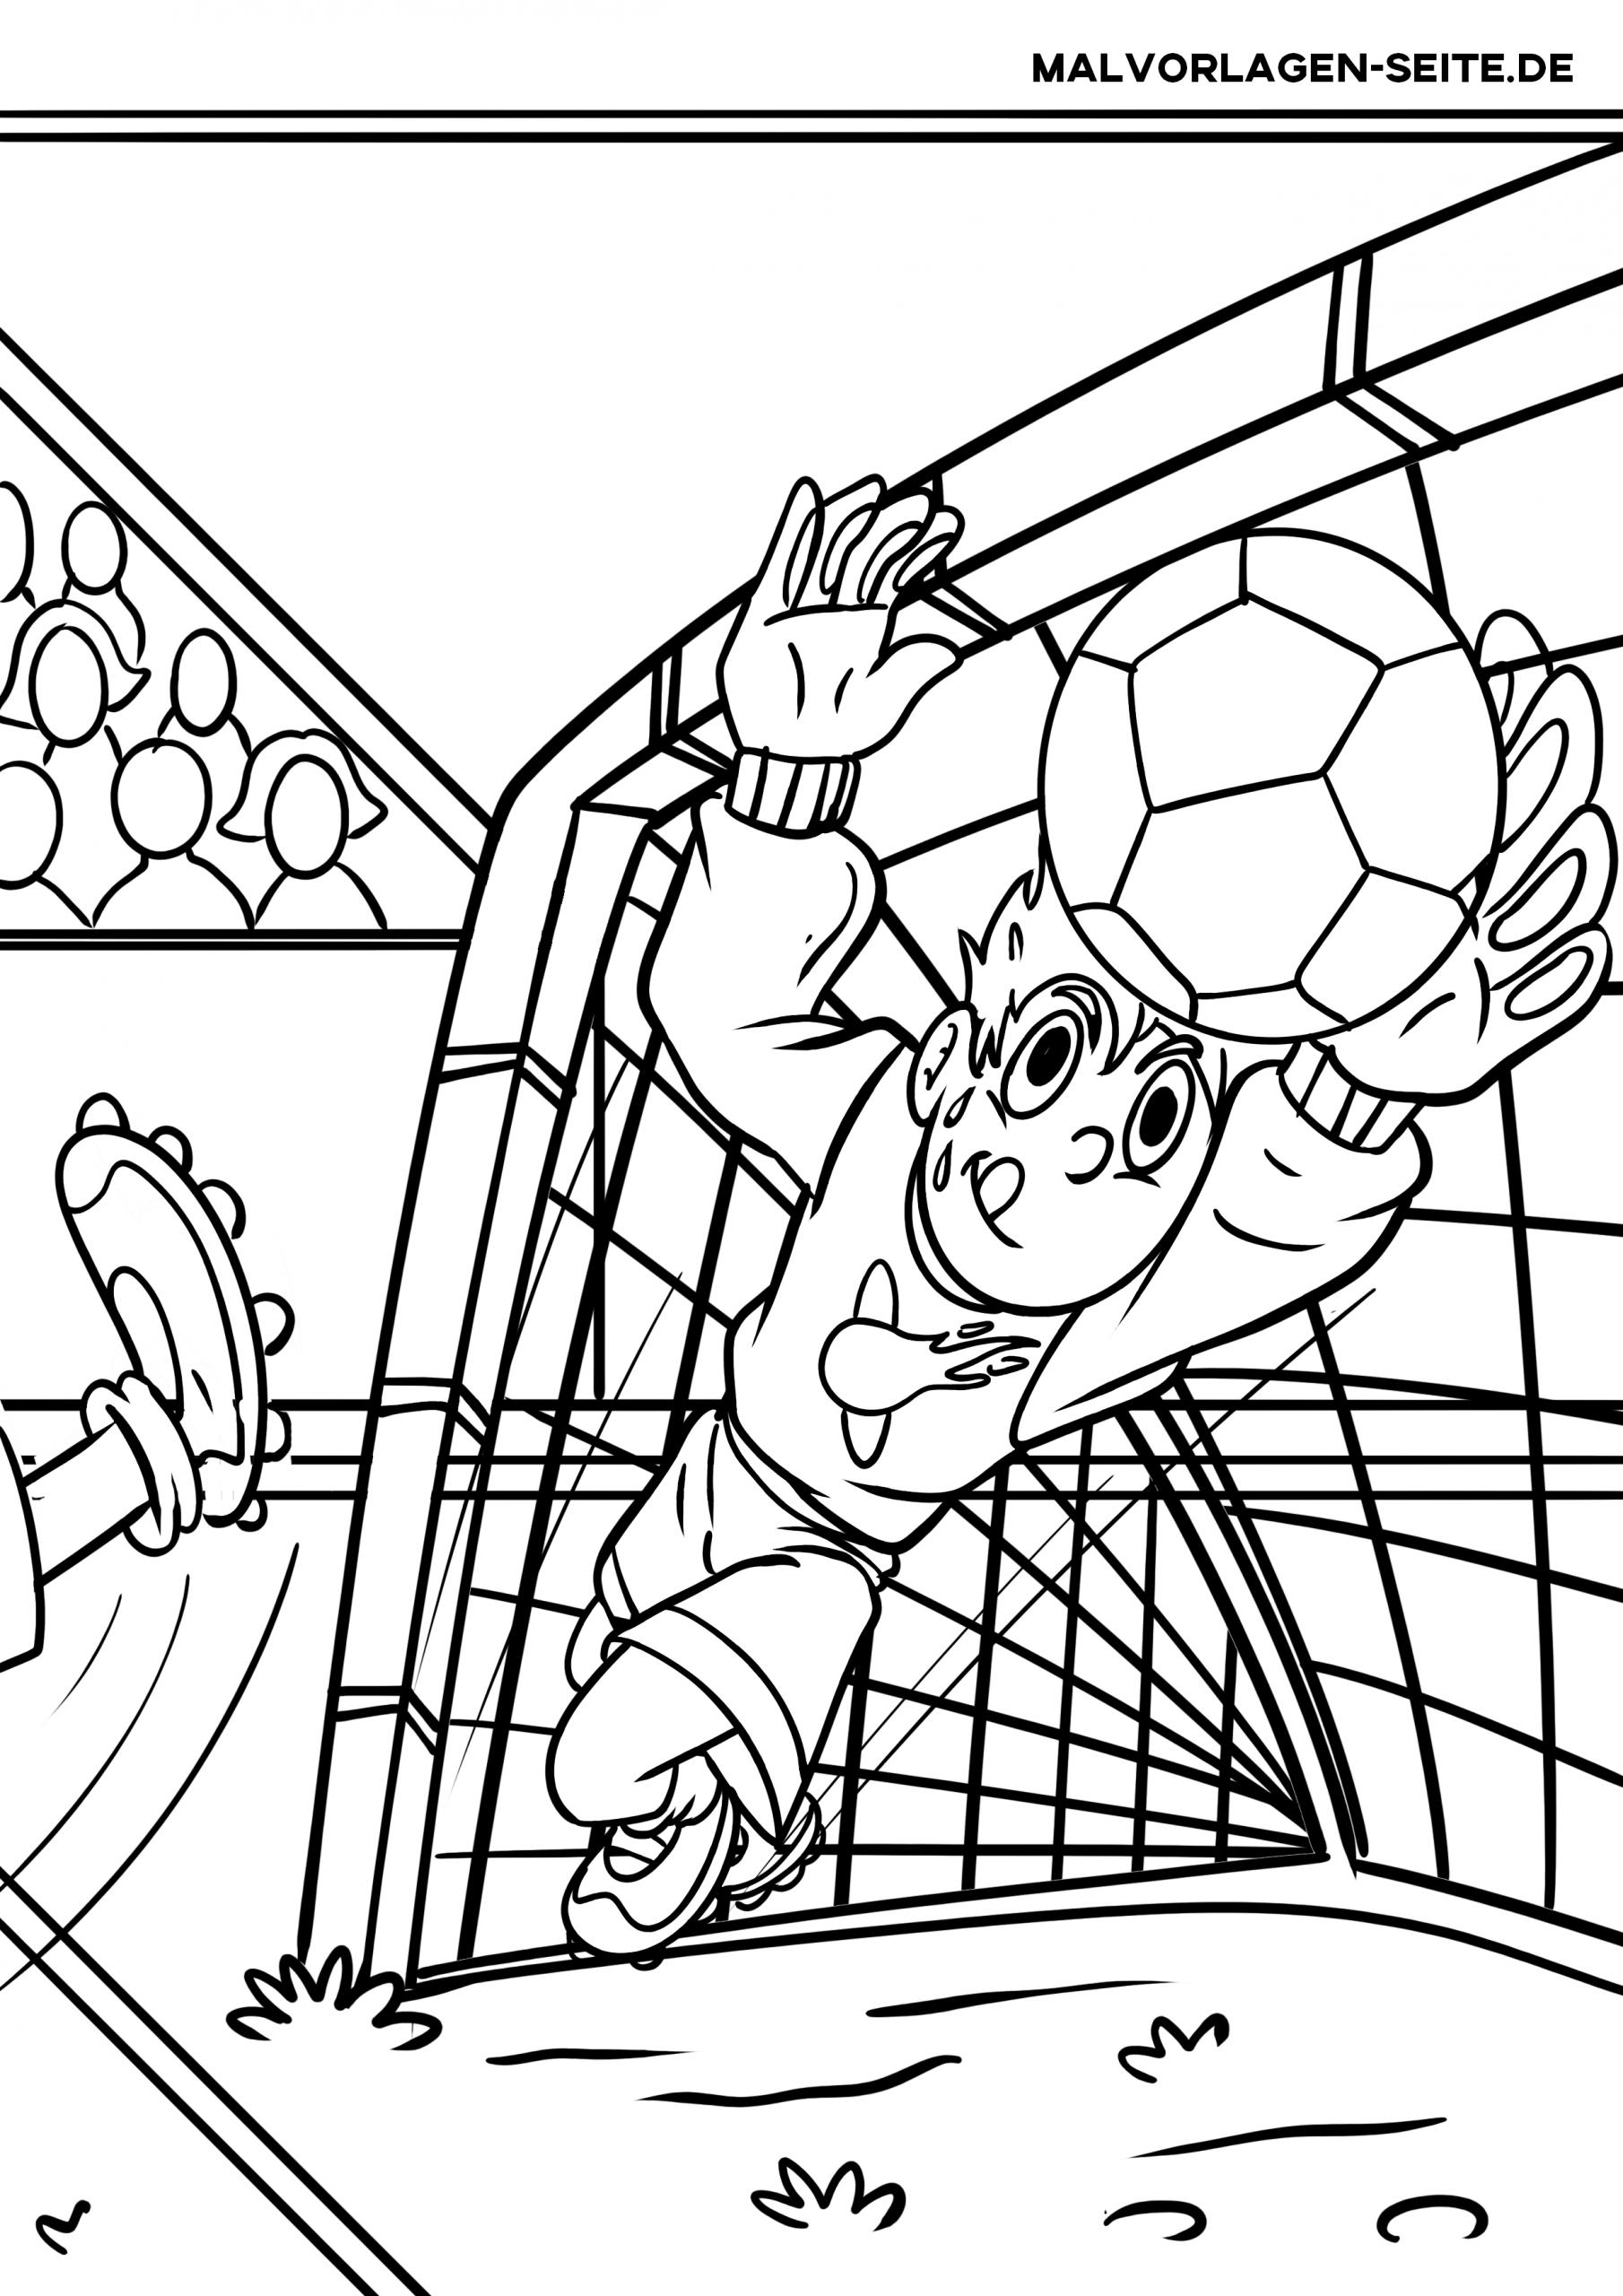 Malvorlagen Fußball Kostenlos Herunterladen, Drucken Und in Ausmalbilder Fußball Kostenlos